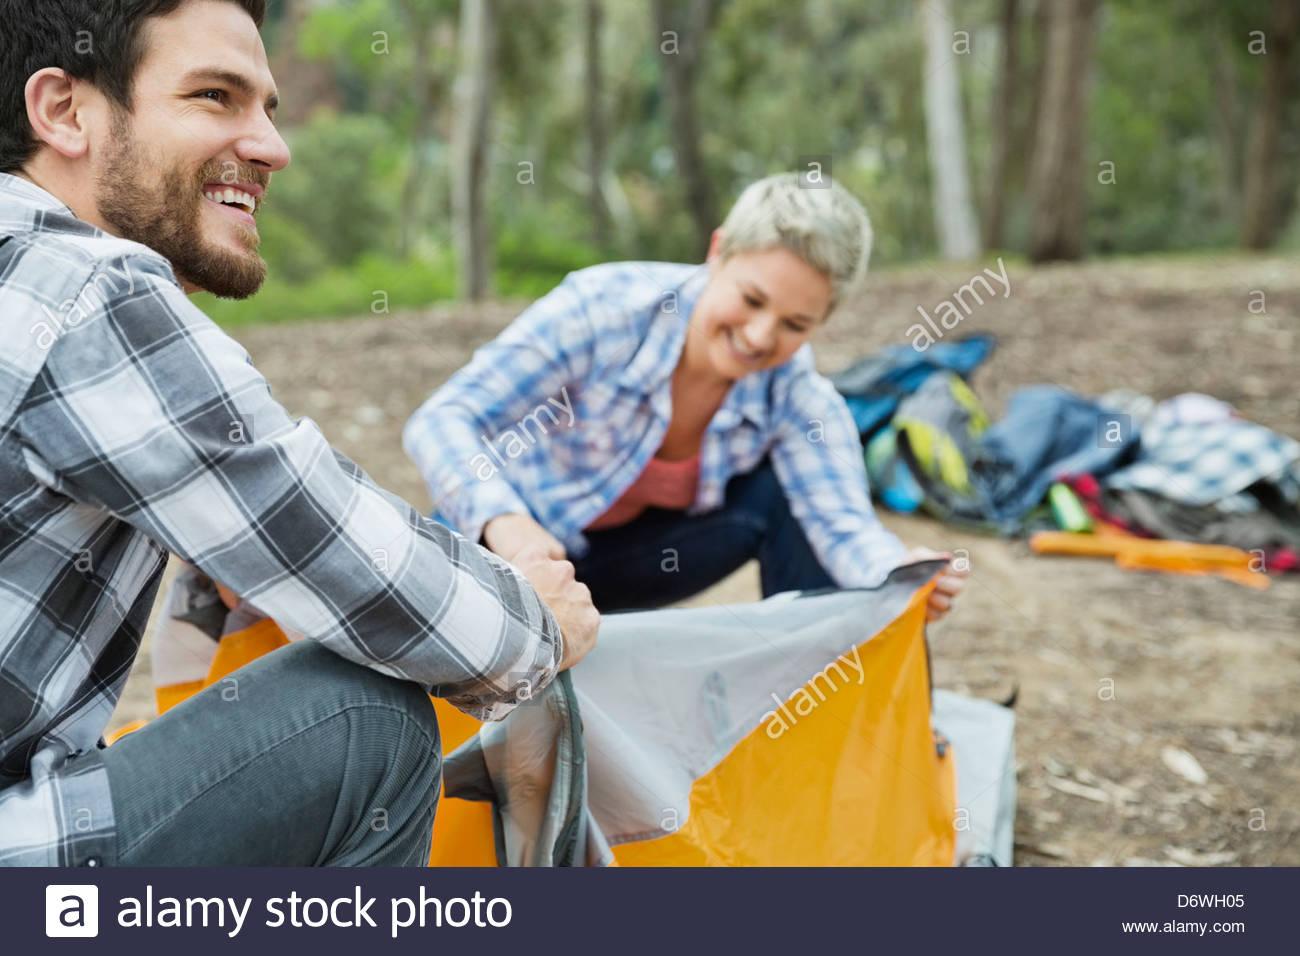 Feliz mitad hombre adulto mirando a otro lado mientras se configura carpa con esposa Imagen De Stock